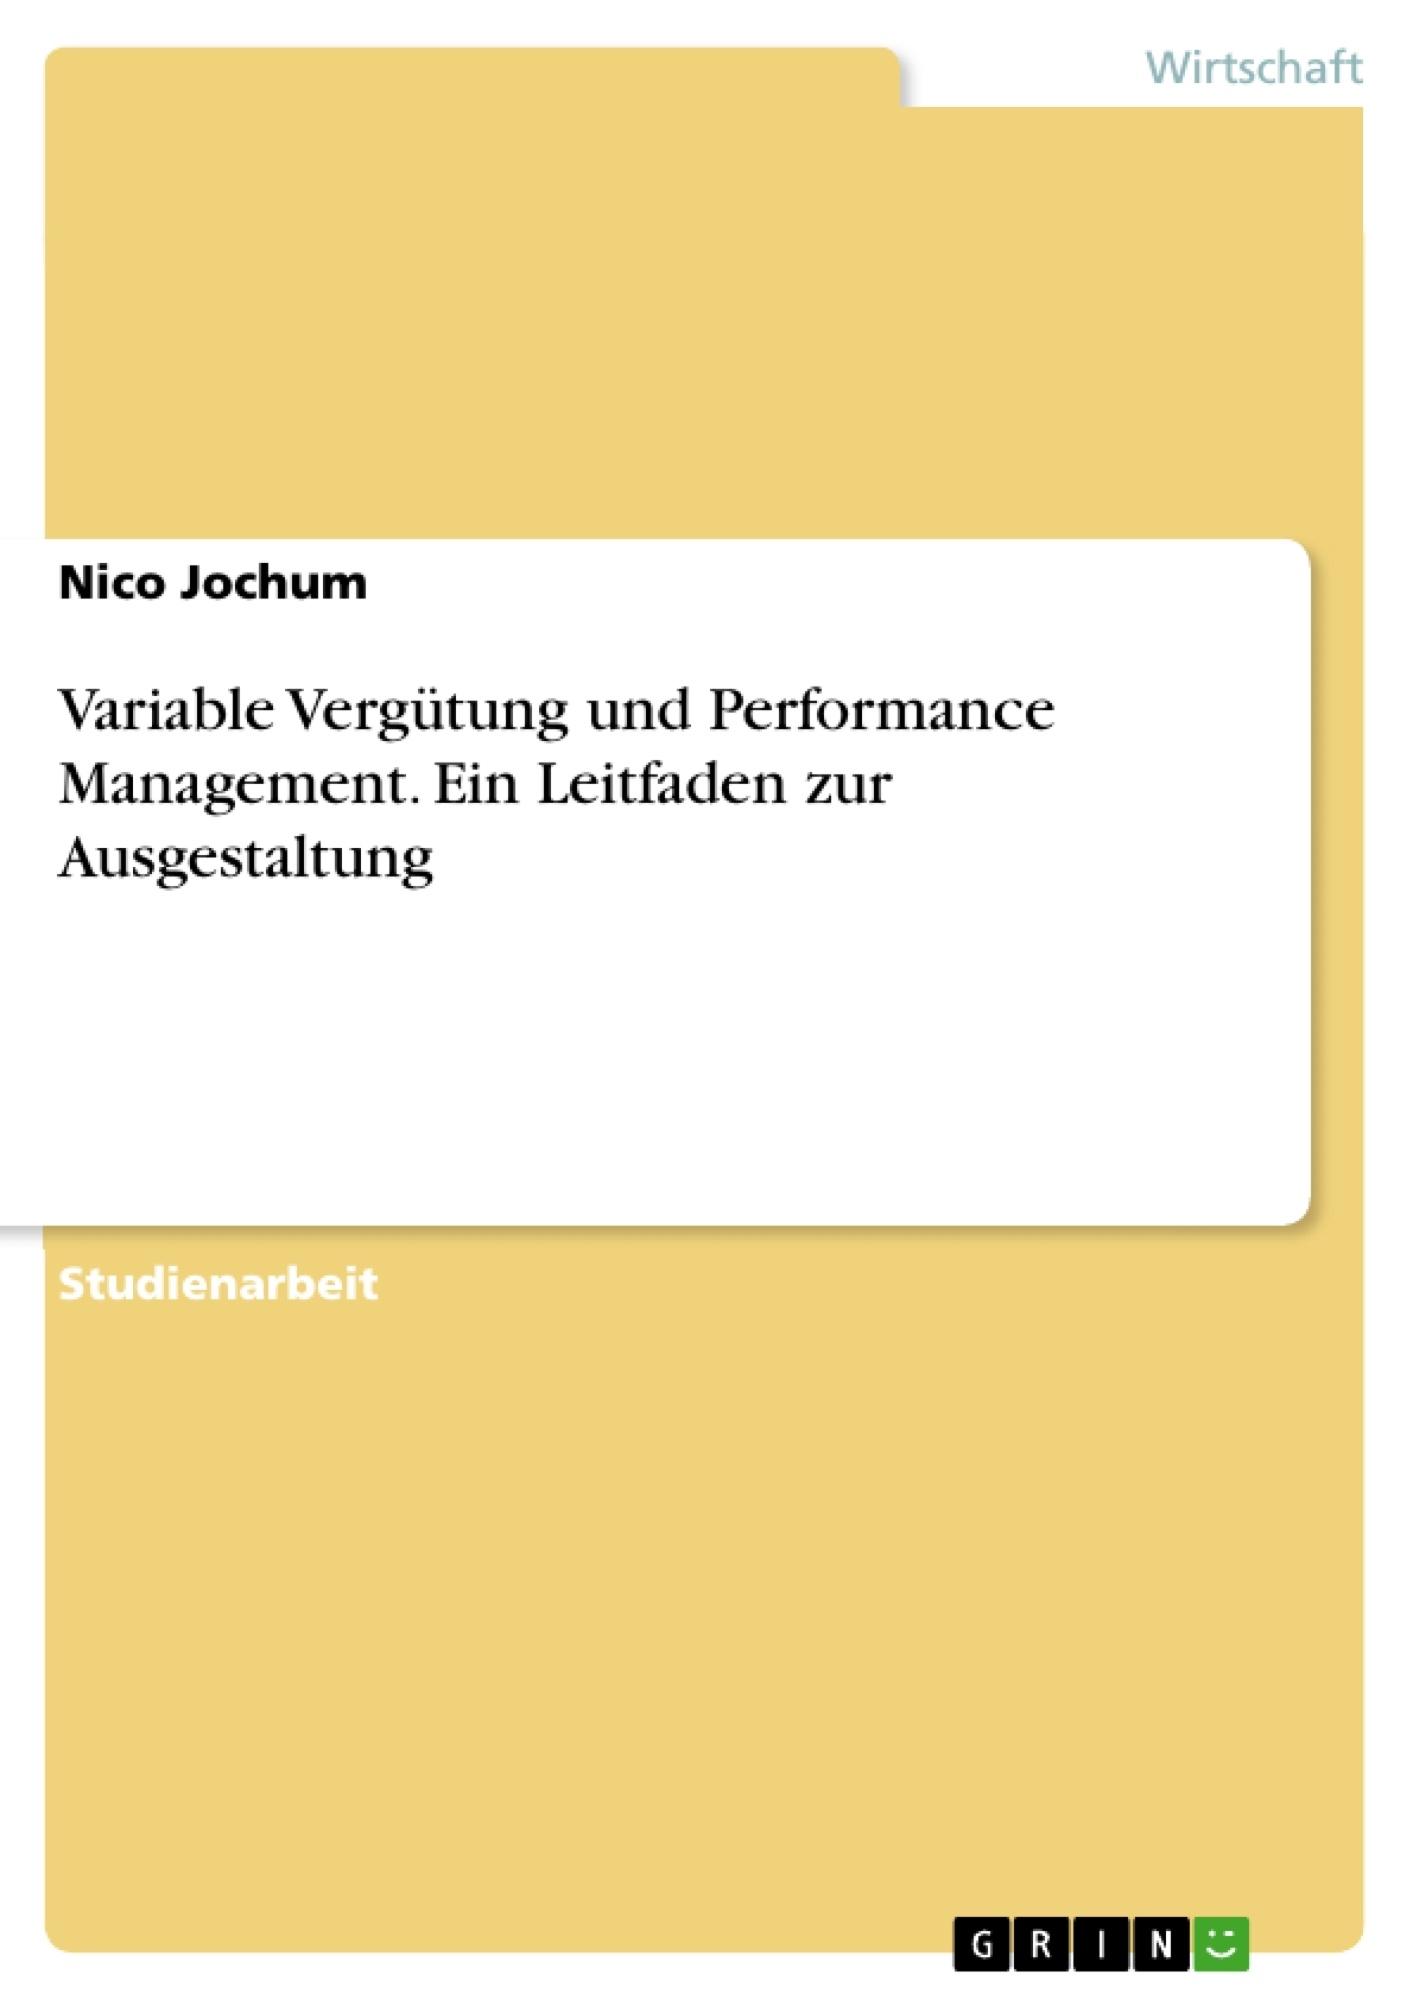 Titel: Variable Vergütung und Performance Management. Ein Leitfaden zur Ausgestaltung